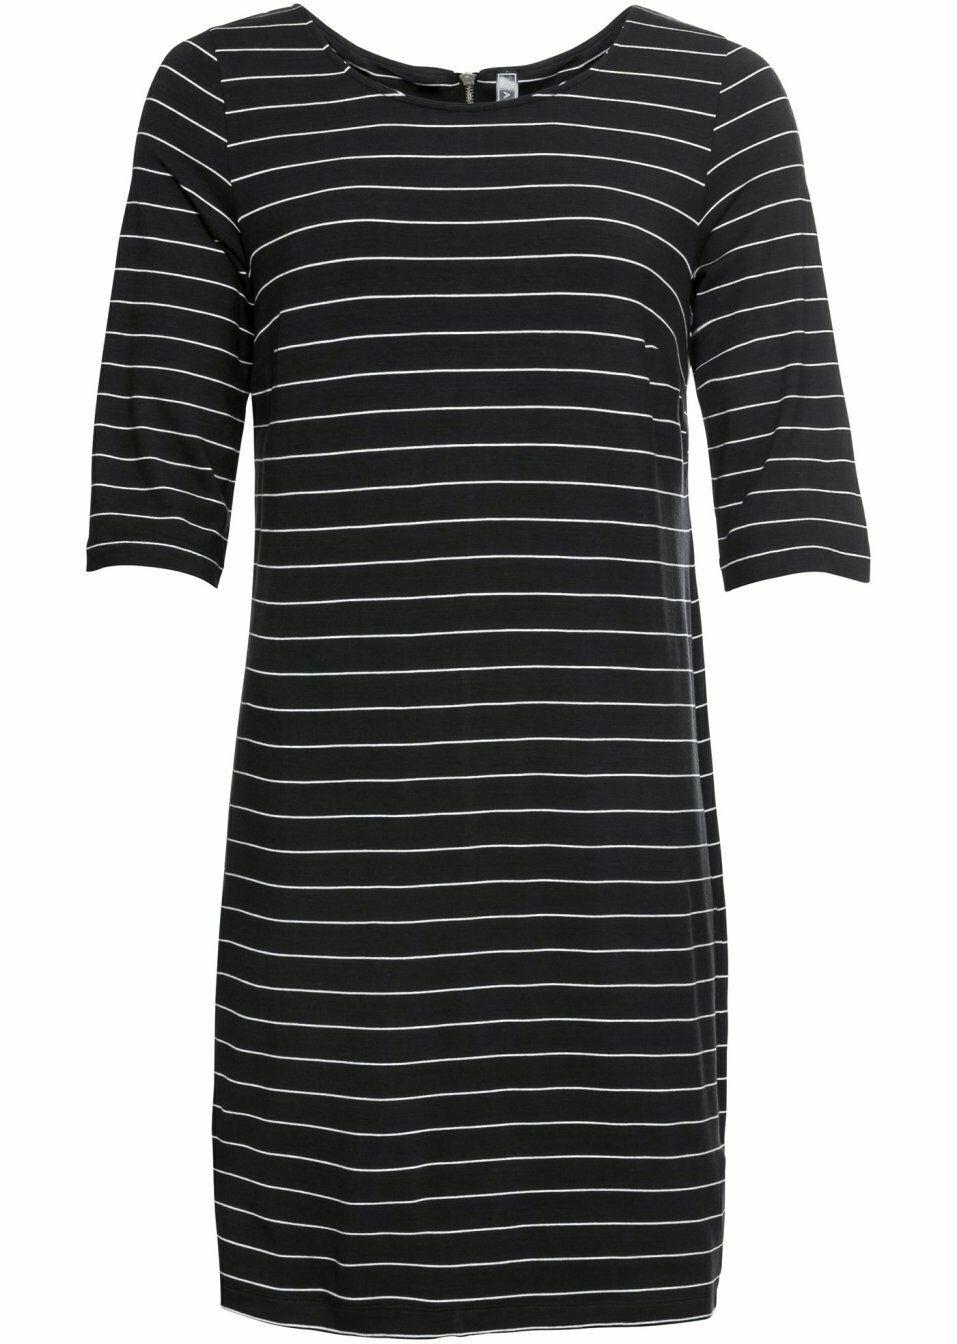 damen jerseykleid mit reißverschluss, 301573 in schwarz weiß